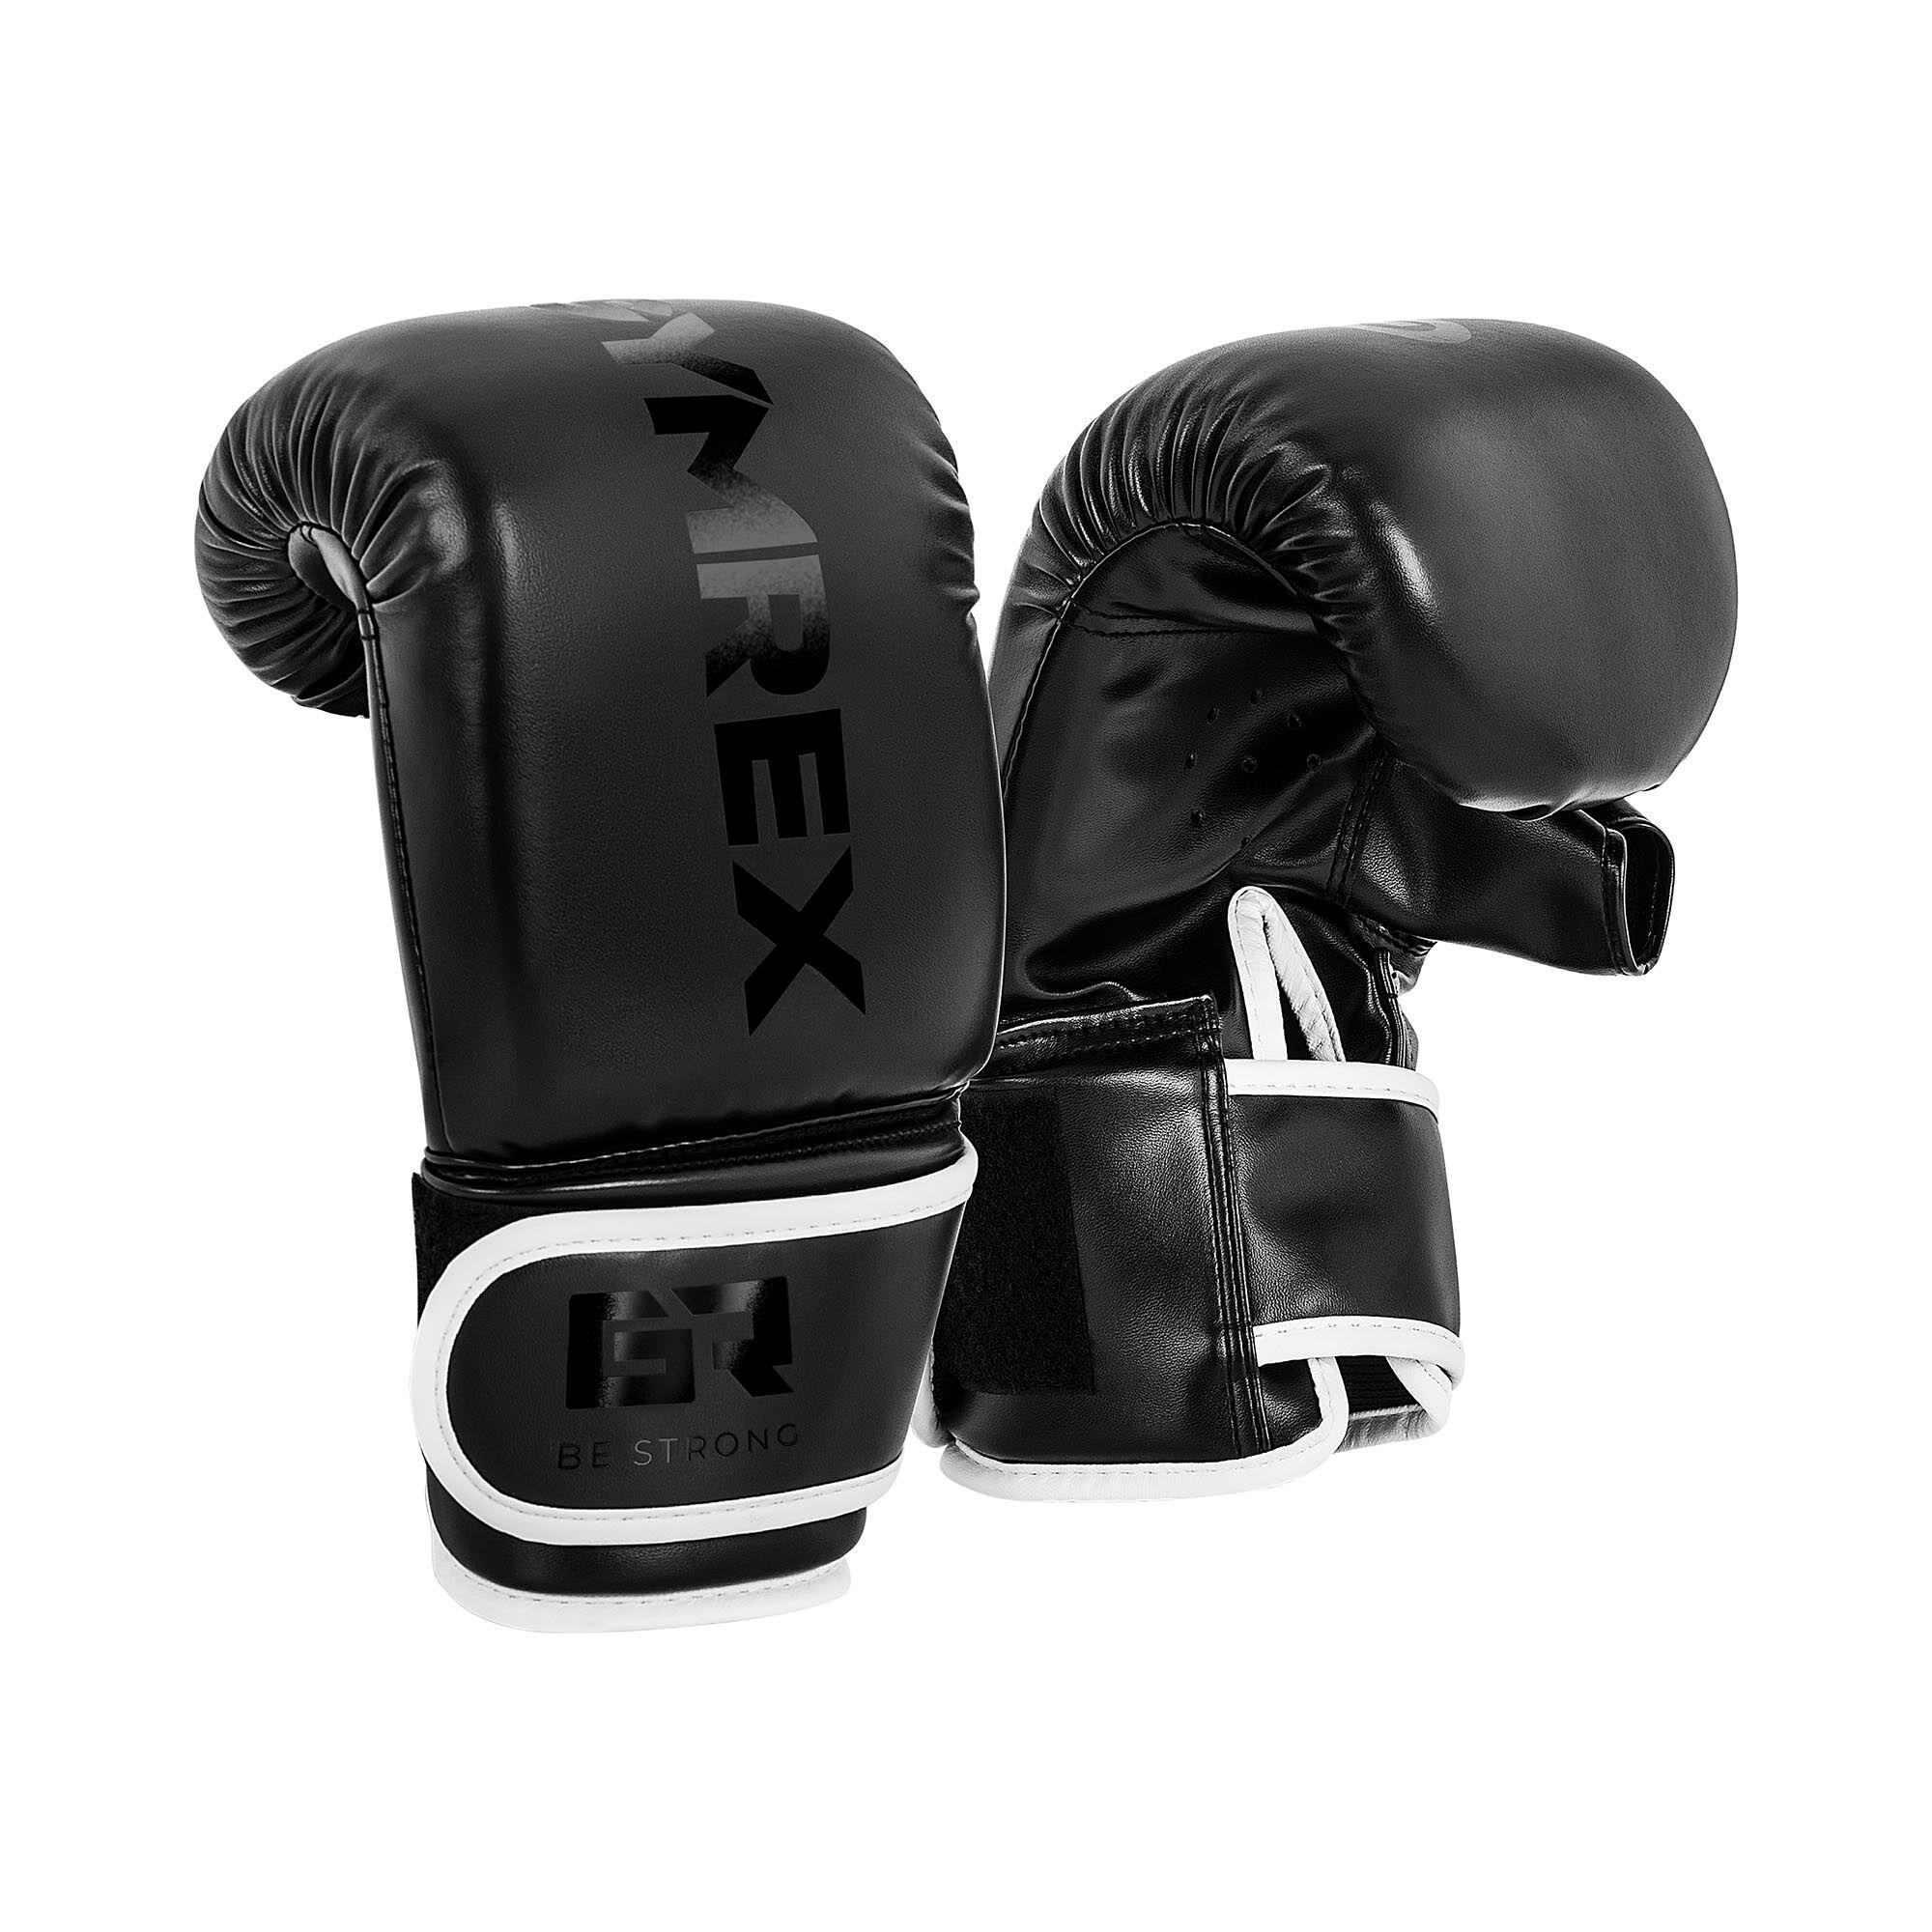 Gymrex Gants de boxe pour travail au sac - 10 oz - Noirs GR-BG 10PB